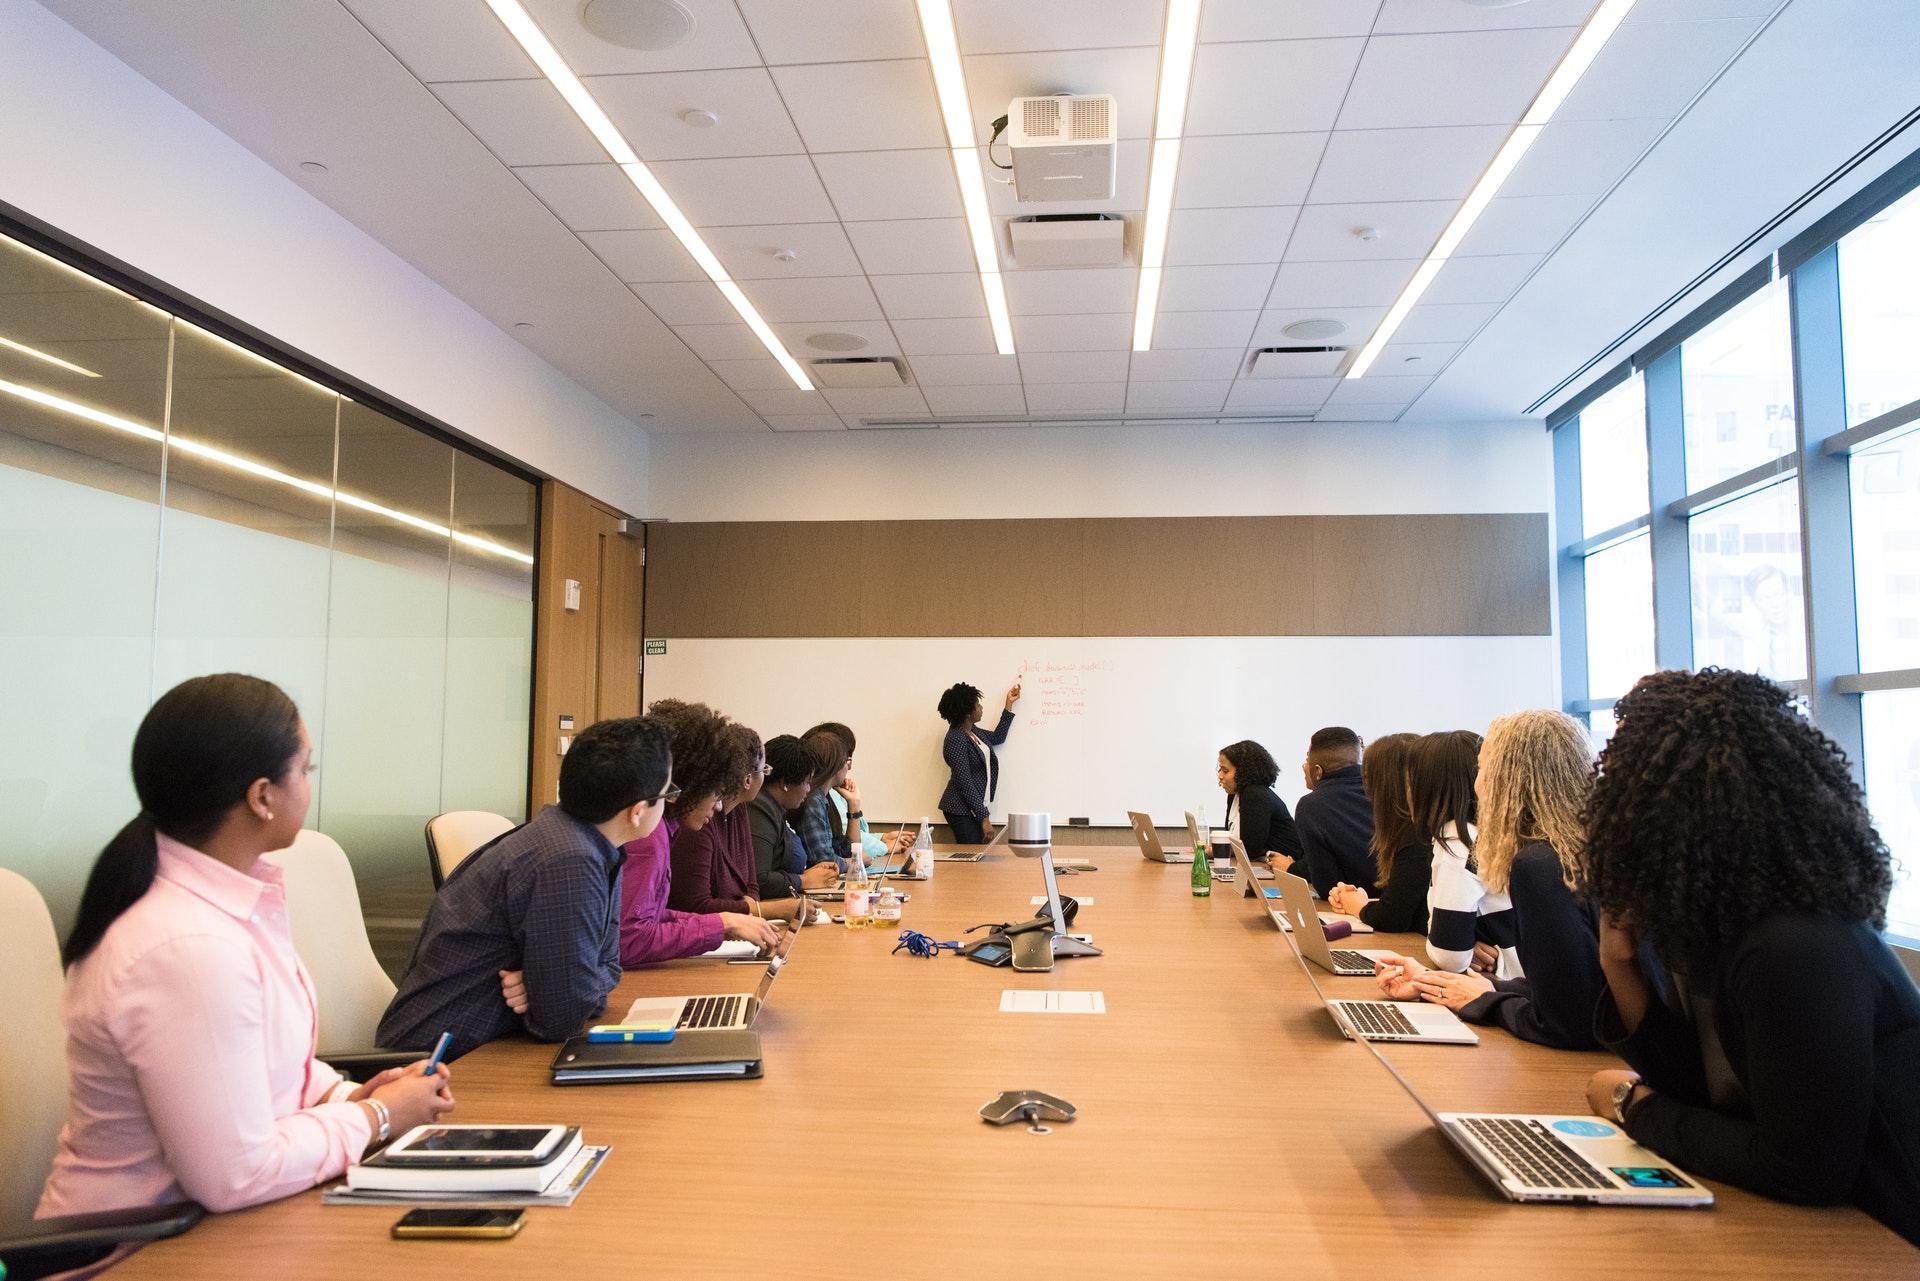 Vemos uma mulher dando uma palestra para outras em uma sala de reunião (imagem ilustrativa). Texto: feira de franquias.